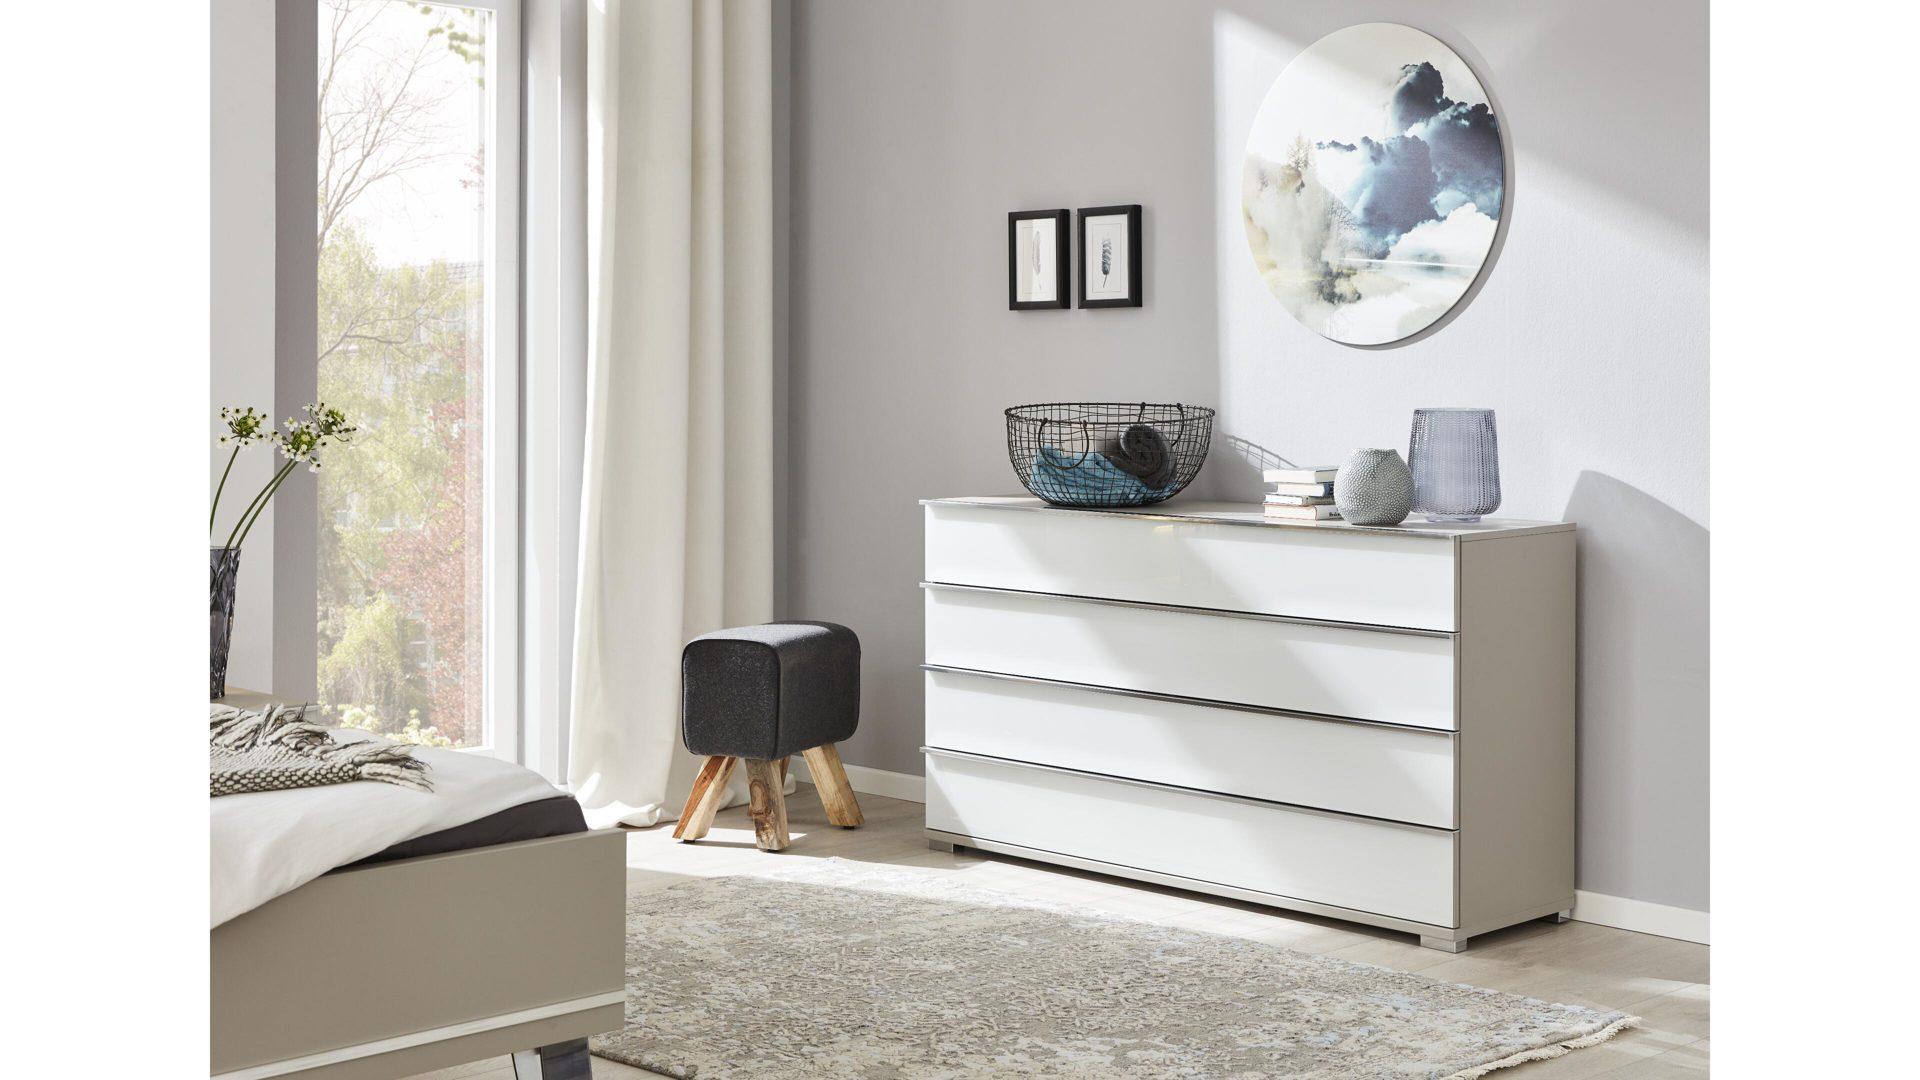 Interliving Schlafzimmer Serie 1009 – Schubladenkommode, weiße &,